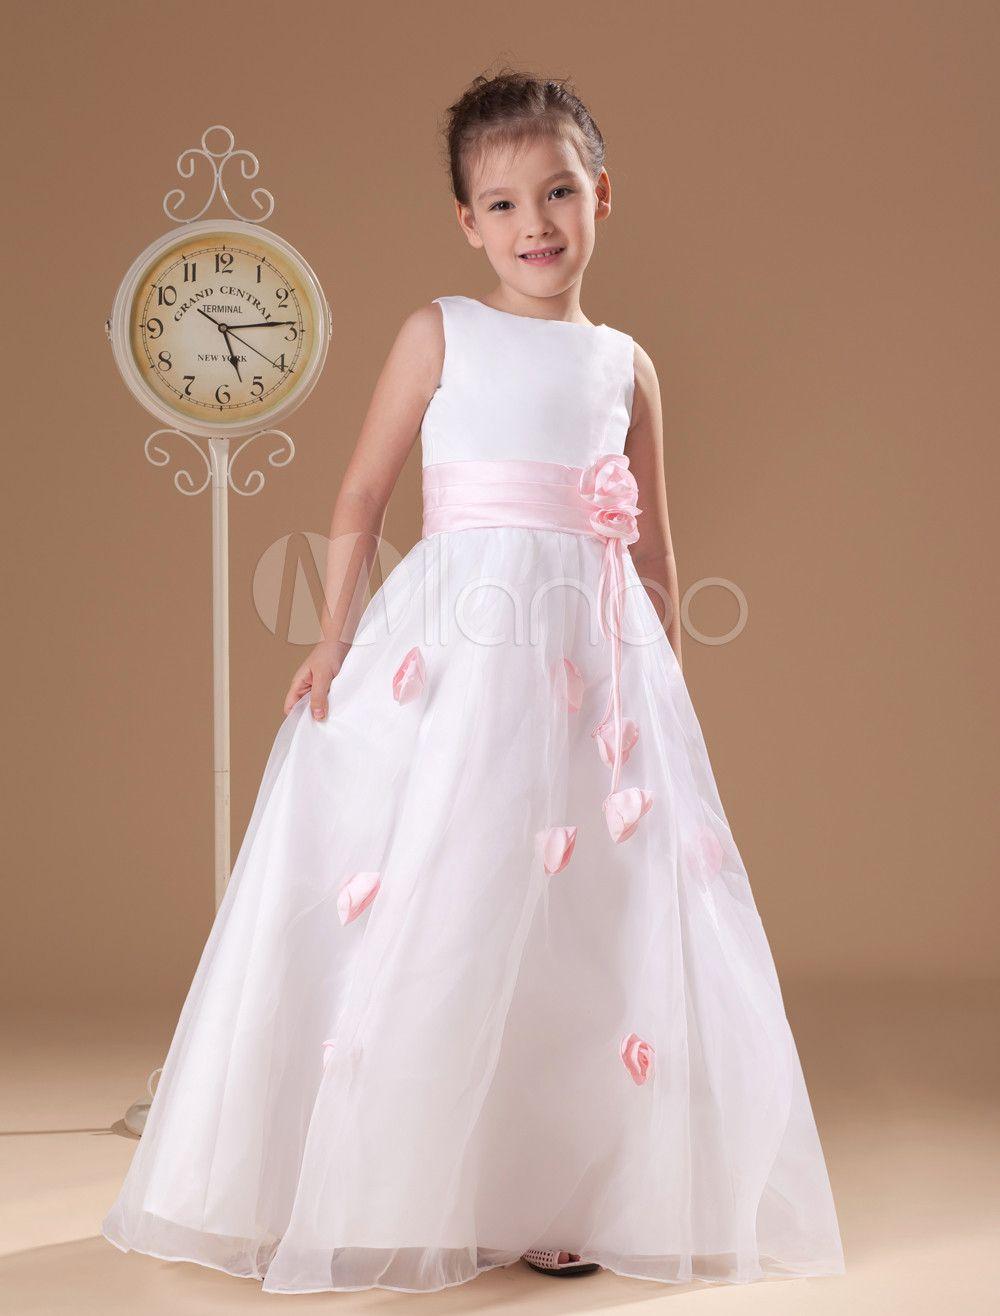 Faixa branca romântica cetim Organza vestido de menina de flor